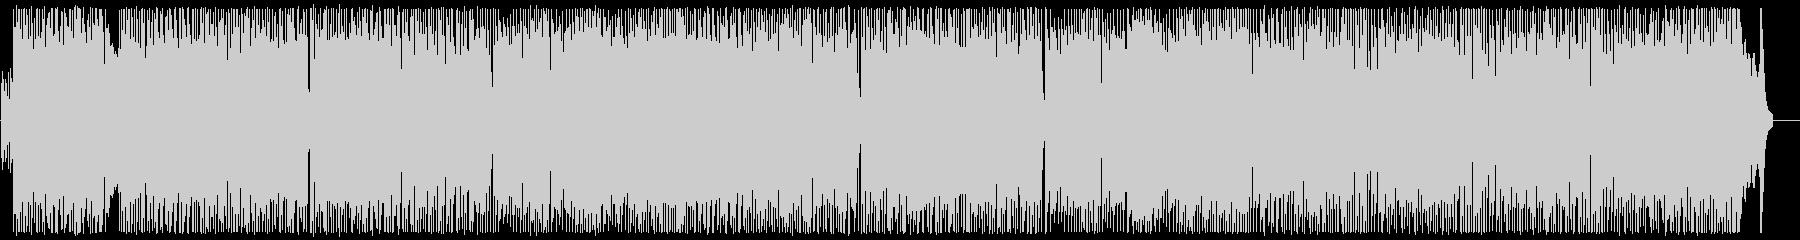 単純なリズムのエネルギッシュなロックの未再生の波形